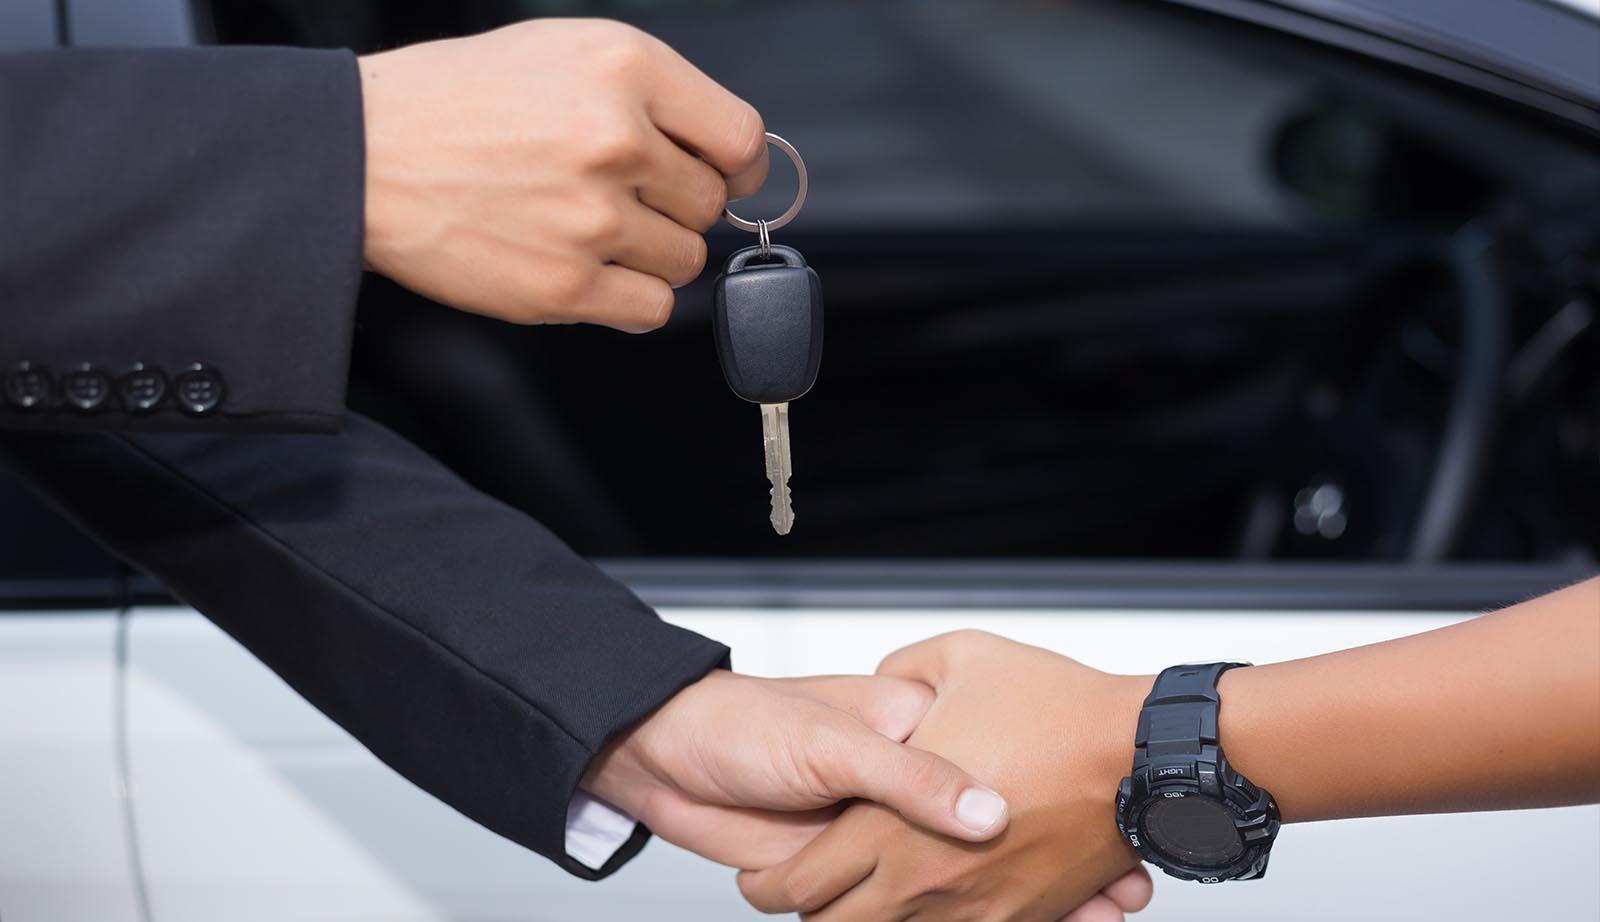 Assurance pas chere : sur quelle base sont fixés les tarifs des assurances auto ?